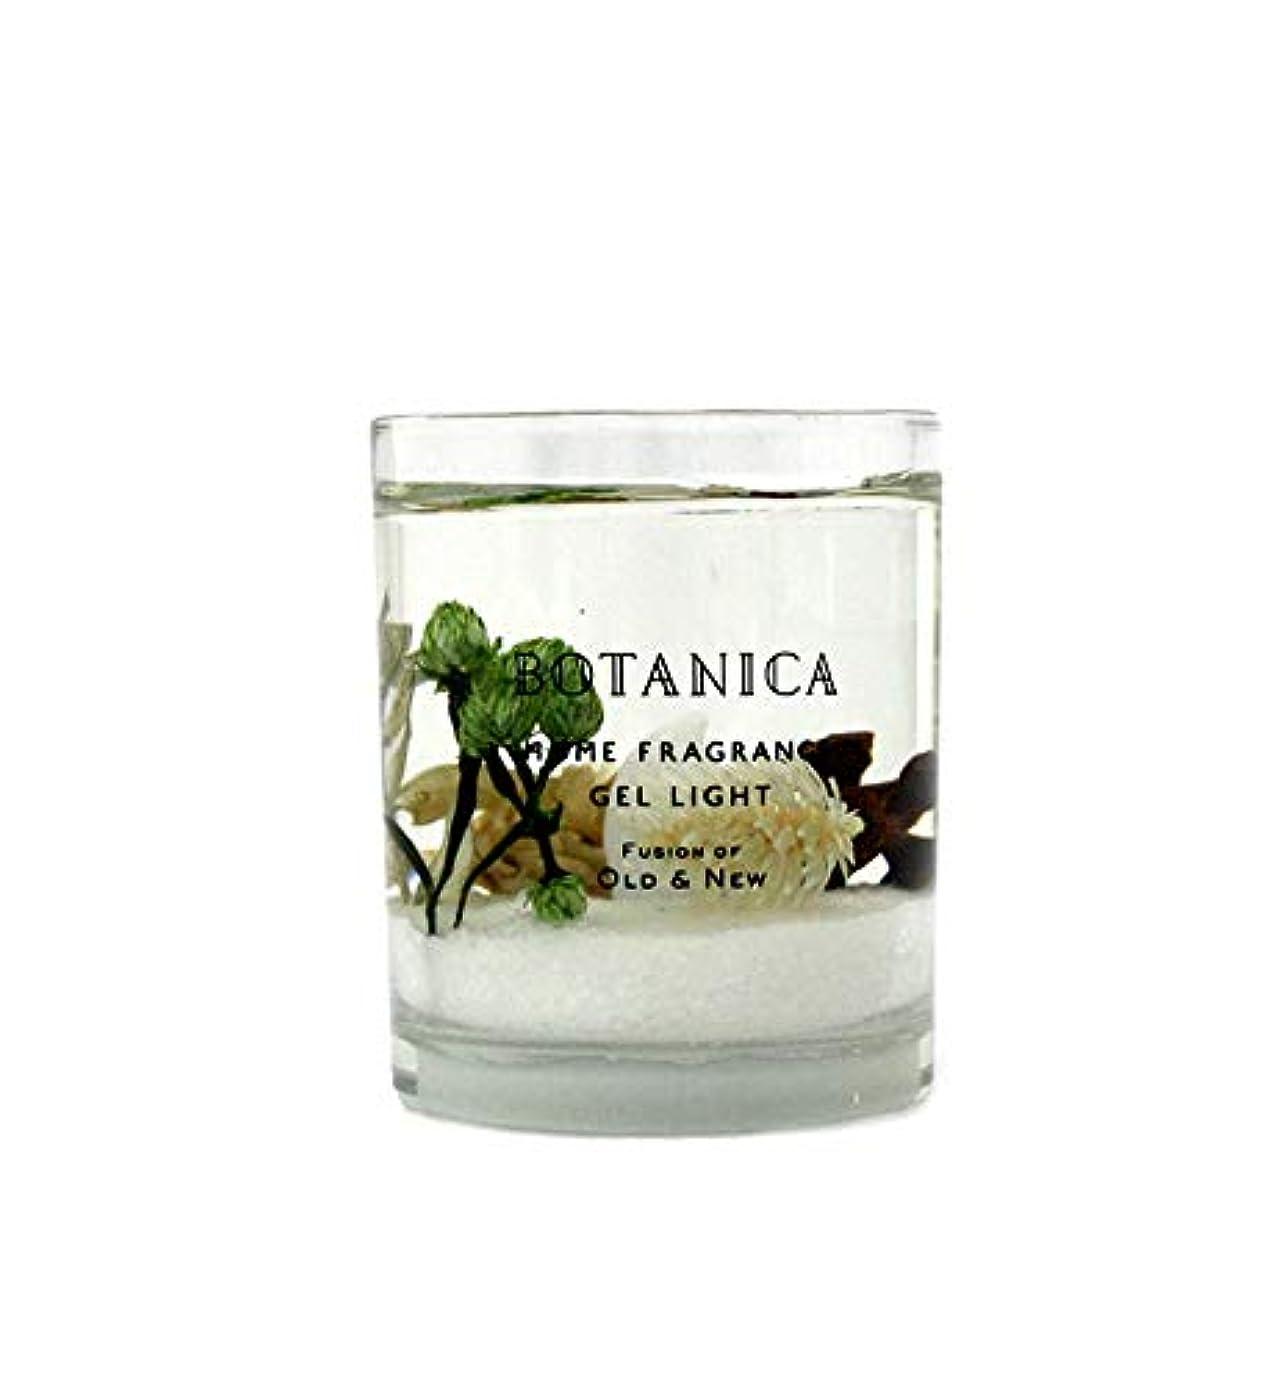 葡萄自宅で動物BOTANICA(ボタニカ) BOTANICA ハーバリウムジェルライト ネイトハーブ Herbarium Gel Light Neat Herbs ボタニカ H75×Φ60mm/90g